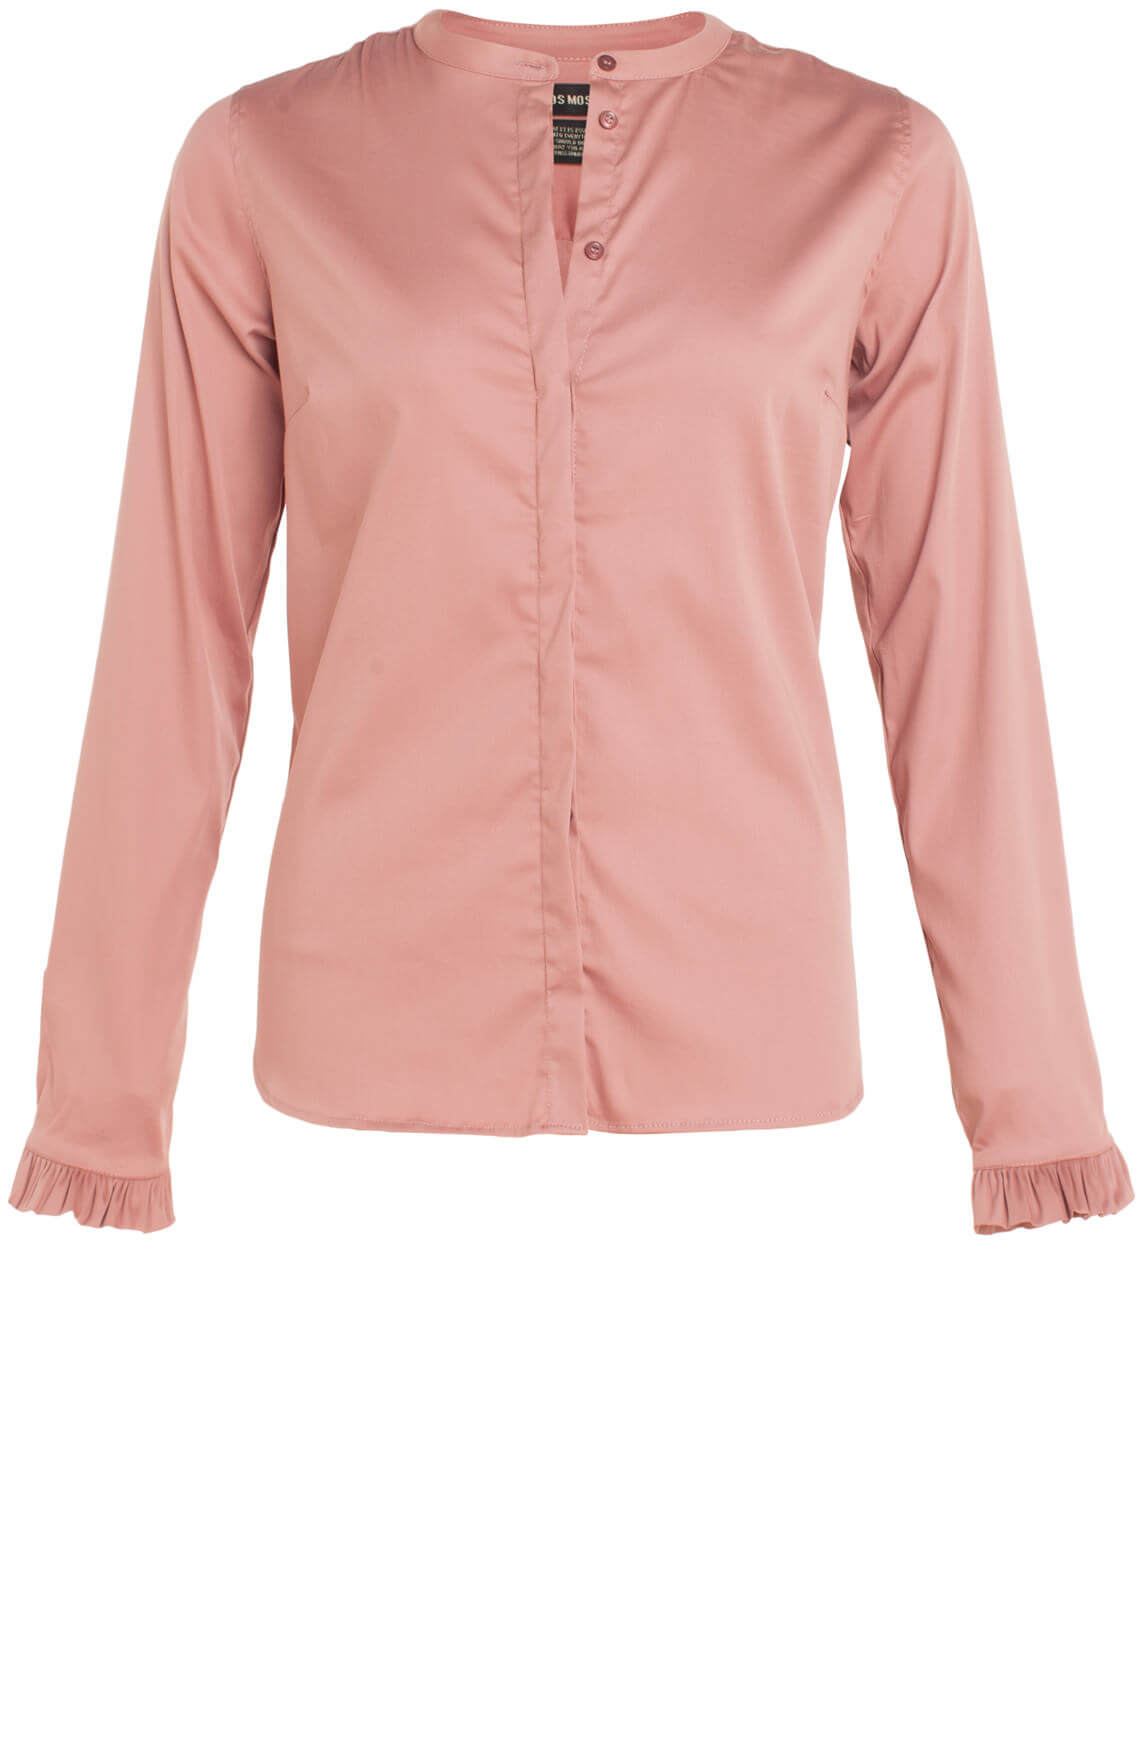 Mos Mosh Dames Mattie blouse roze